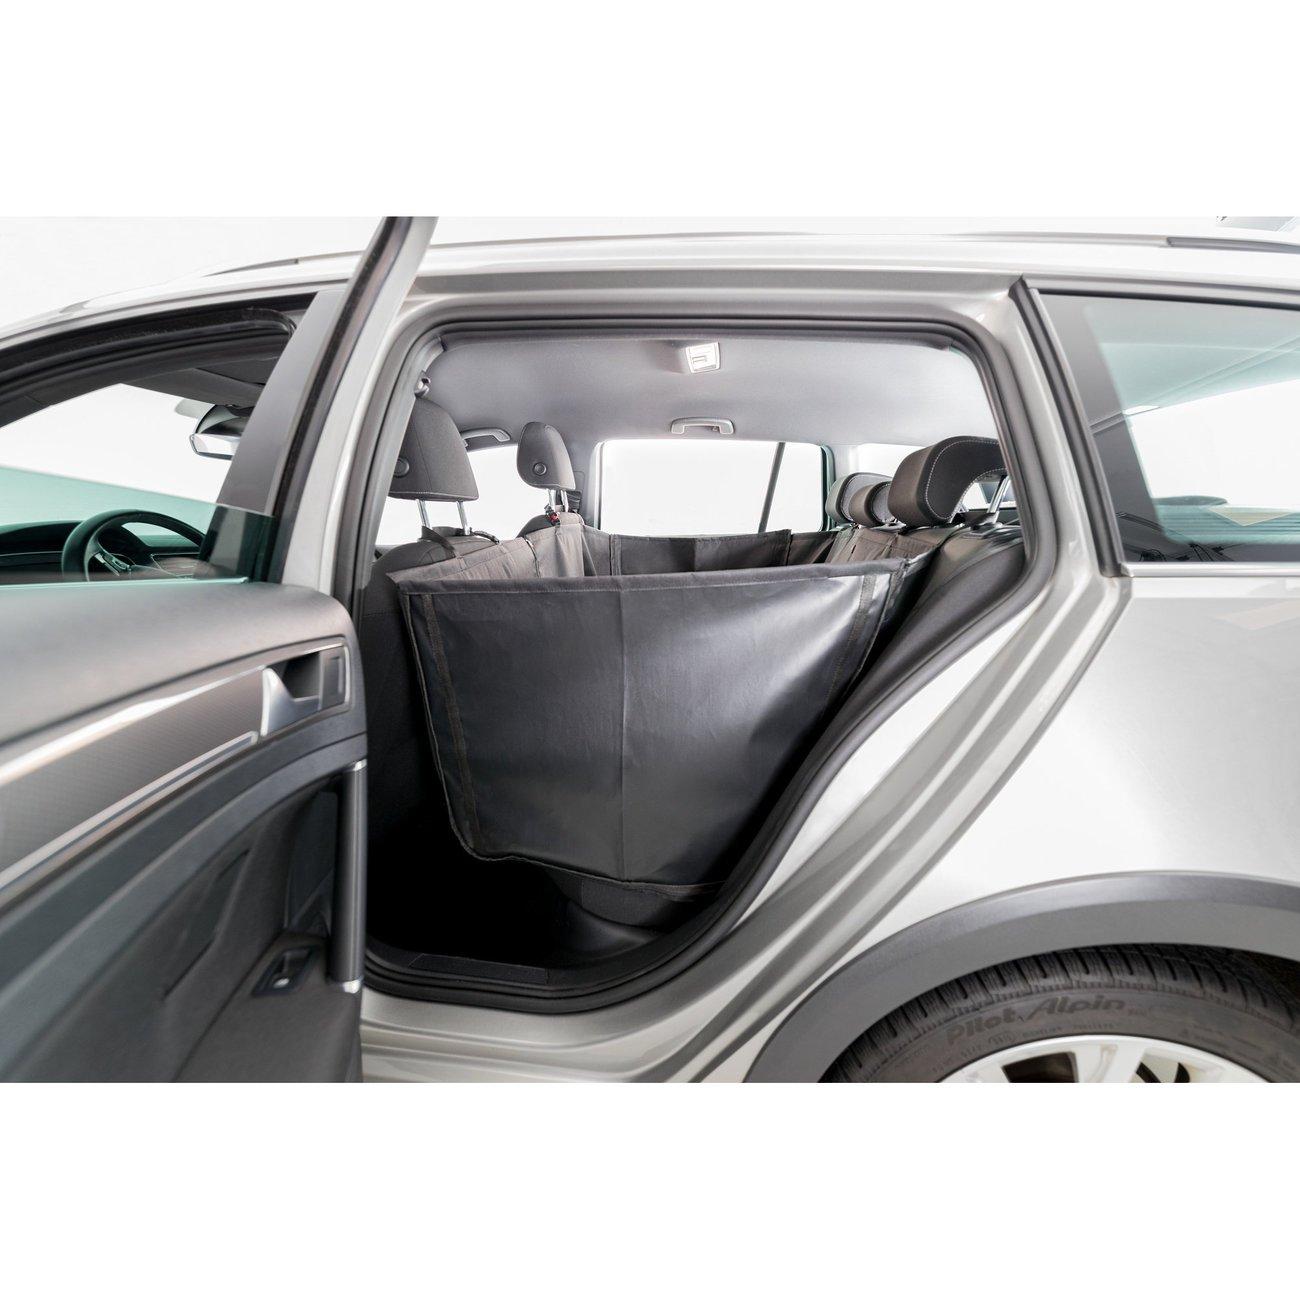 Auto Hundedecke mit Seitenteilen für Rücksitz Bild 5